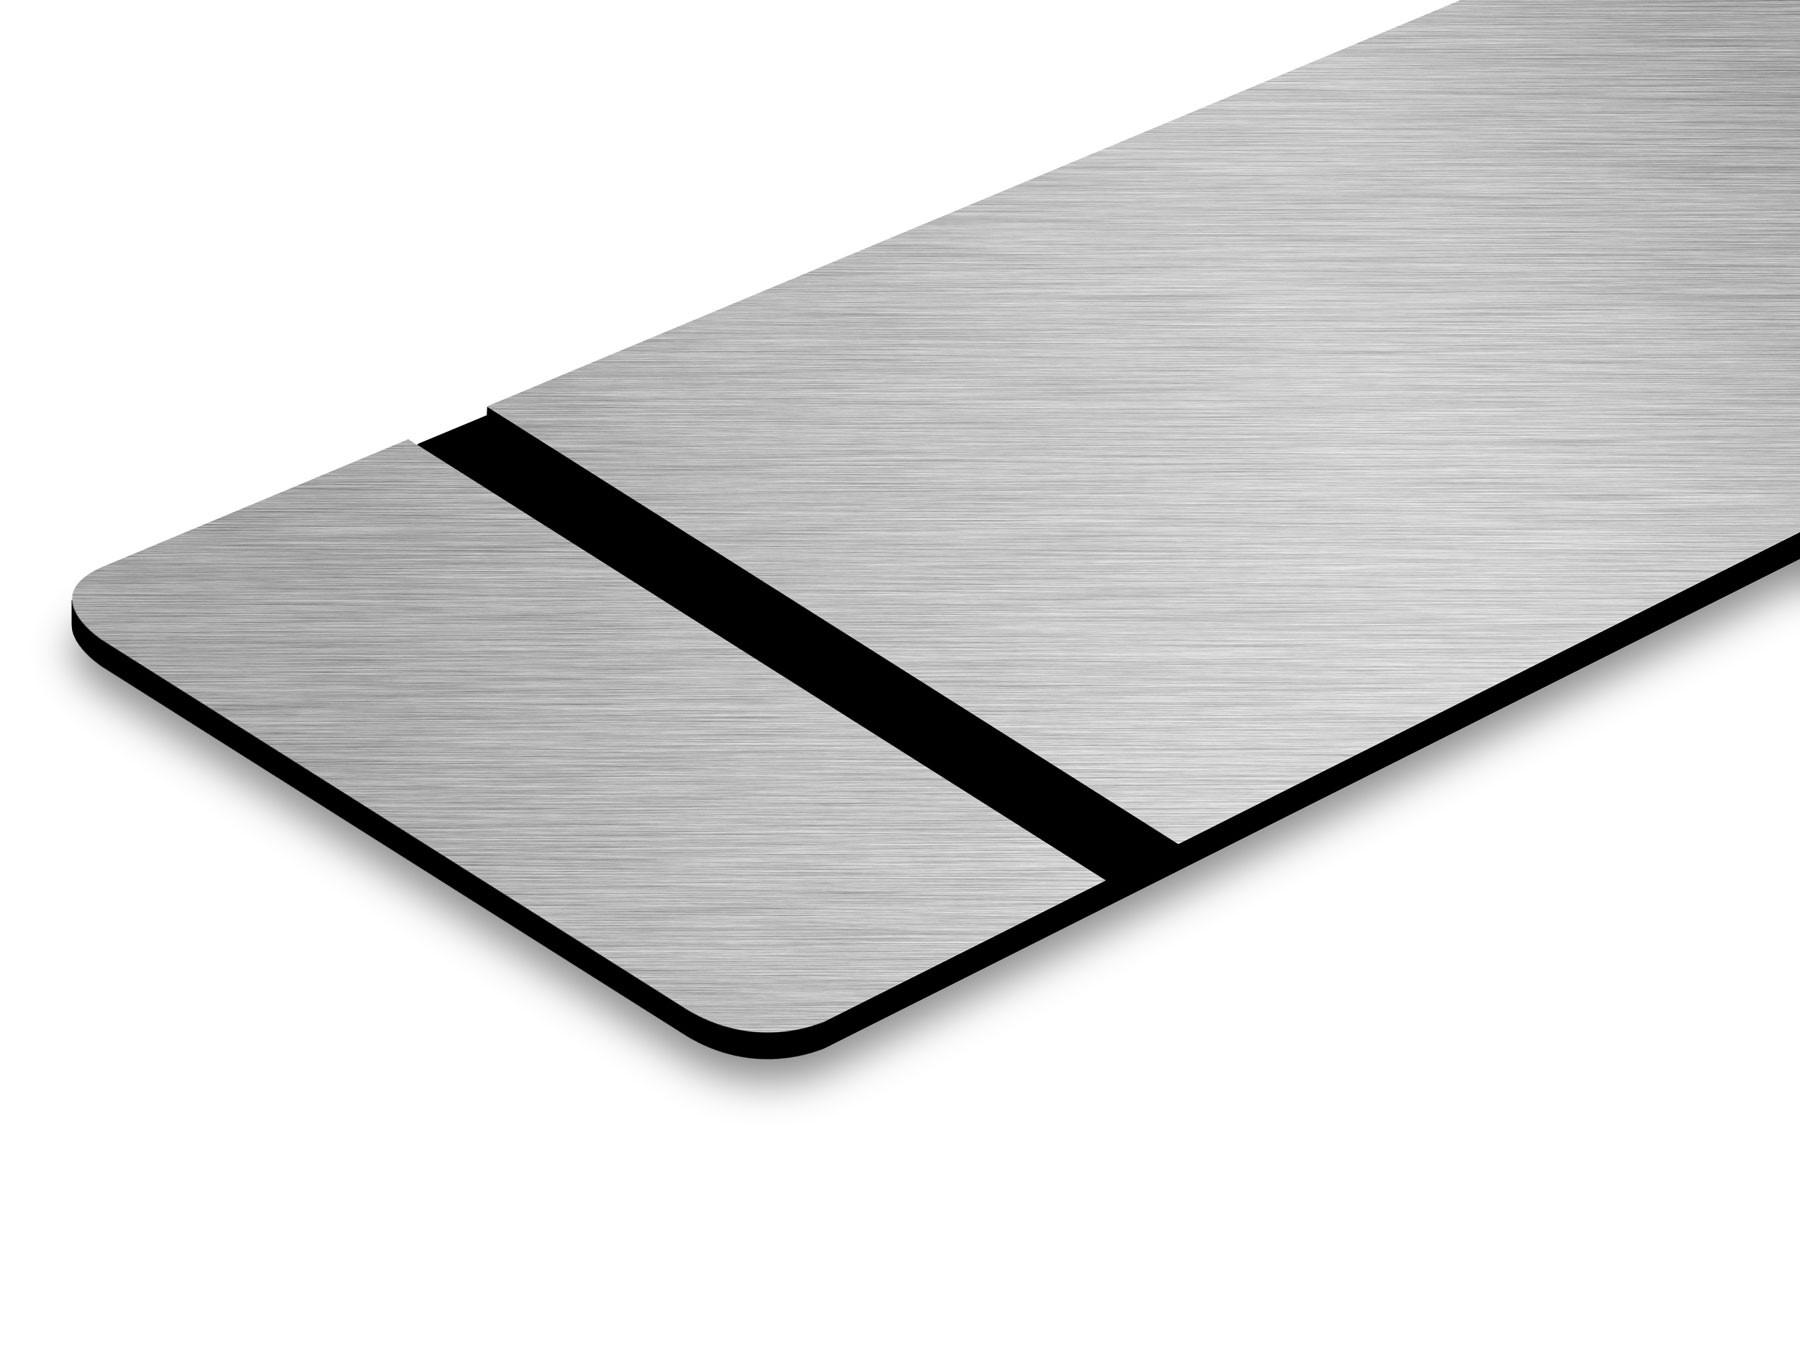 LT334-202ADH BR Silver/Black w/adh 0,5mm